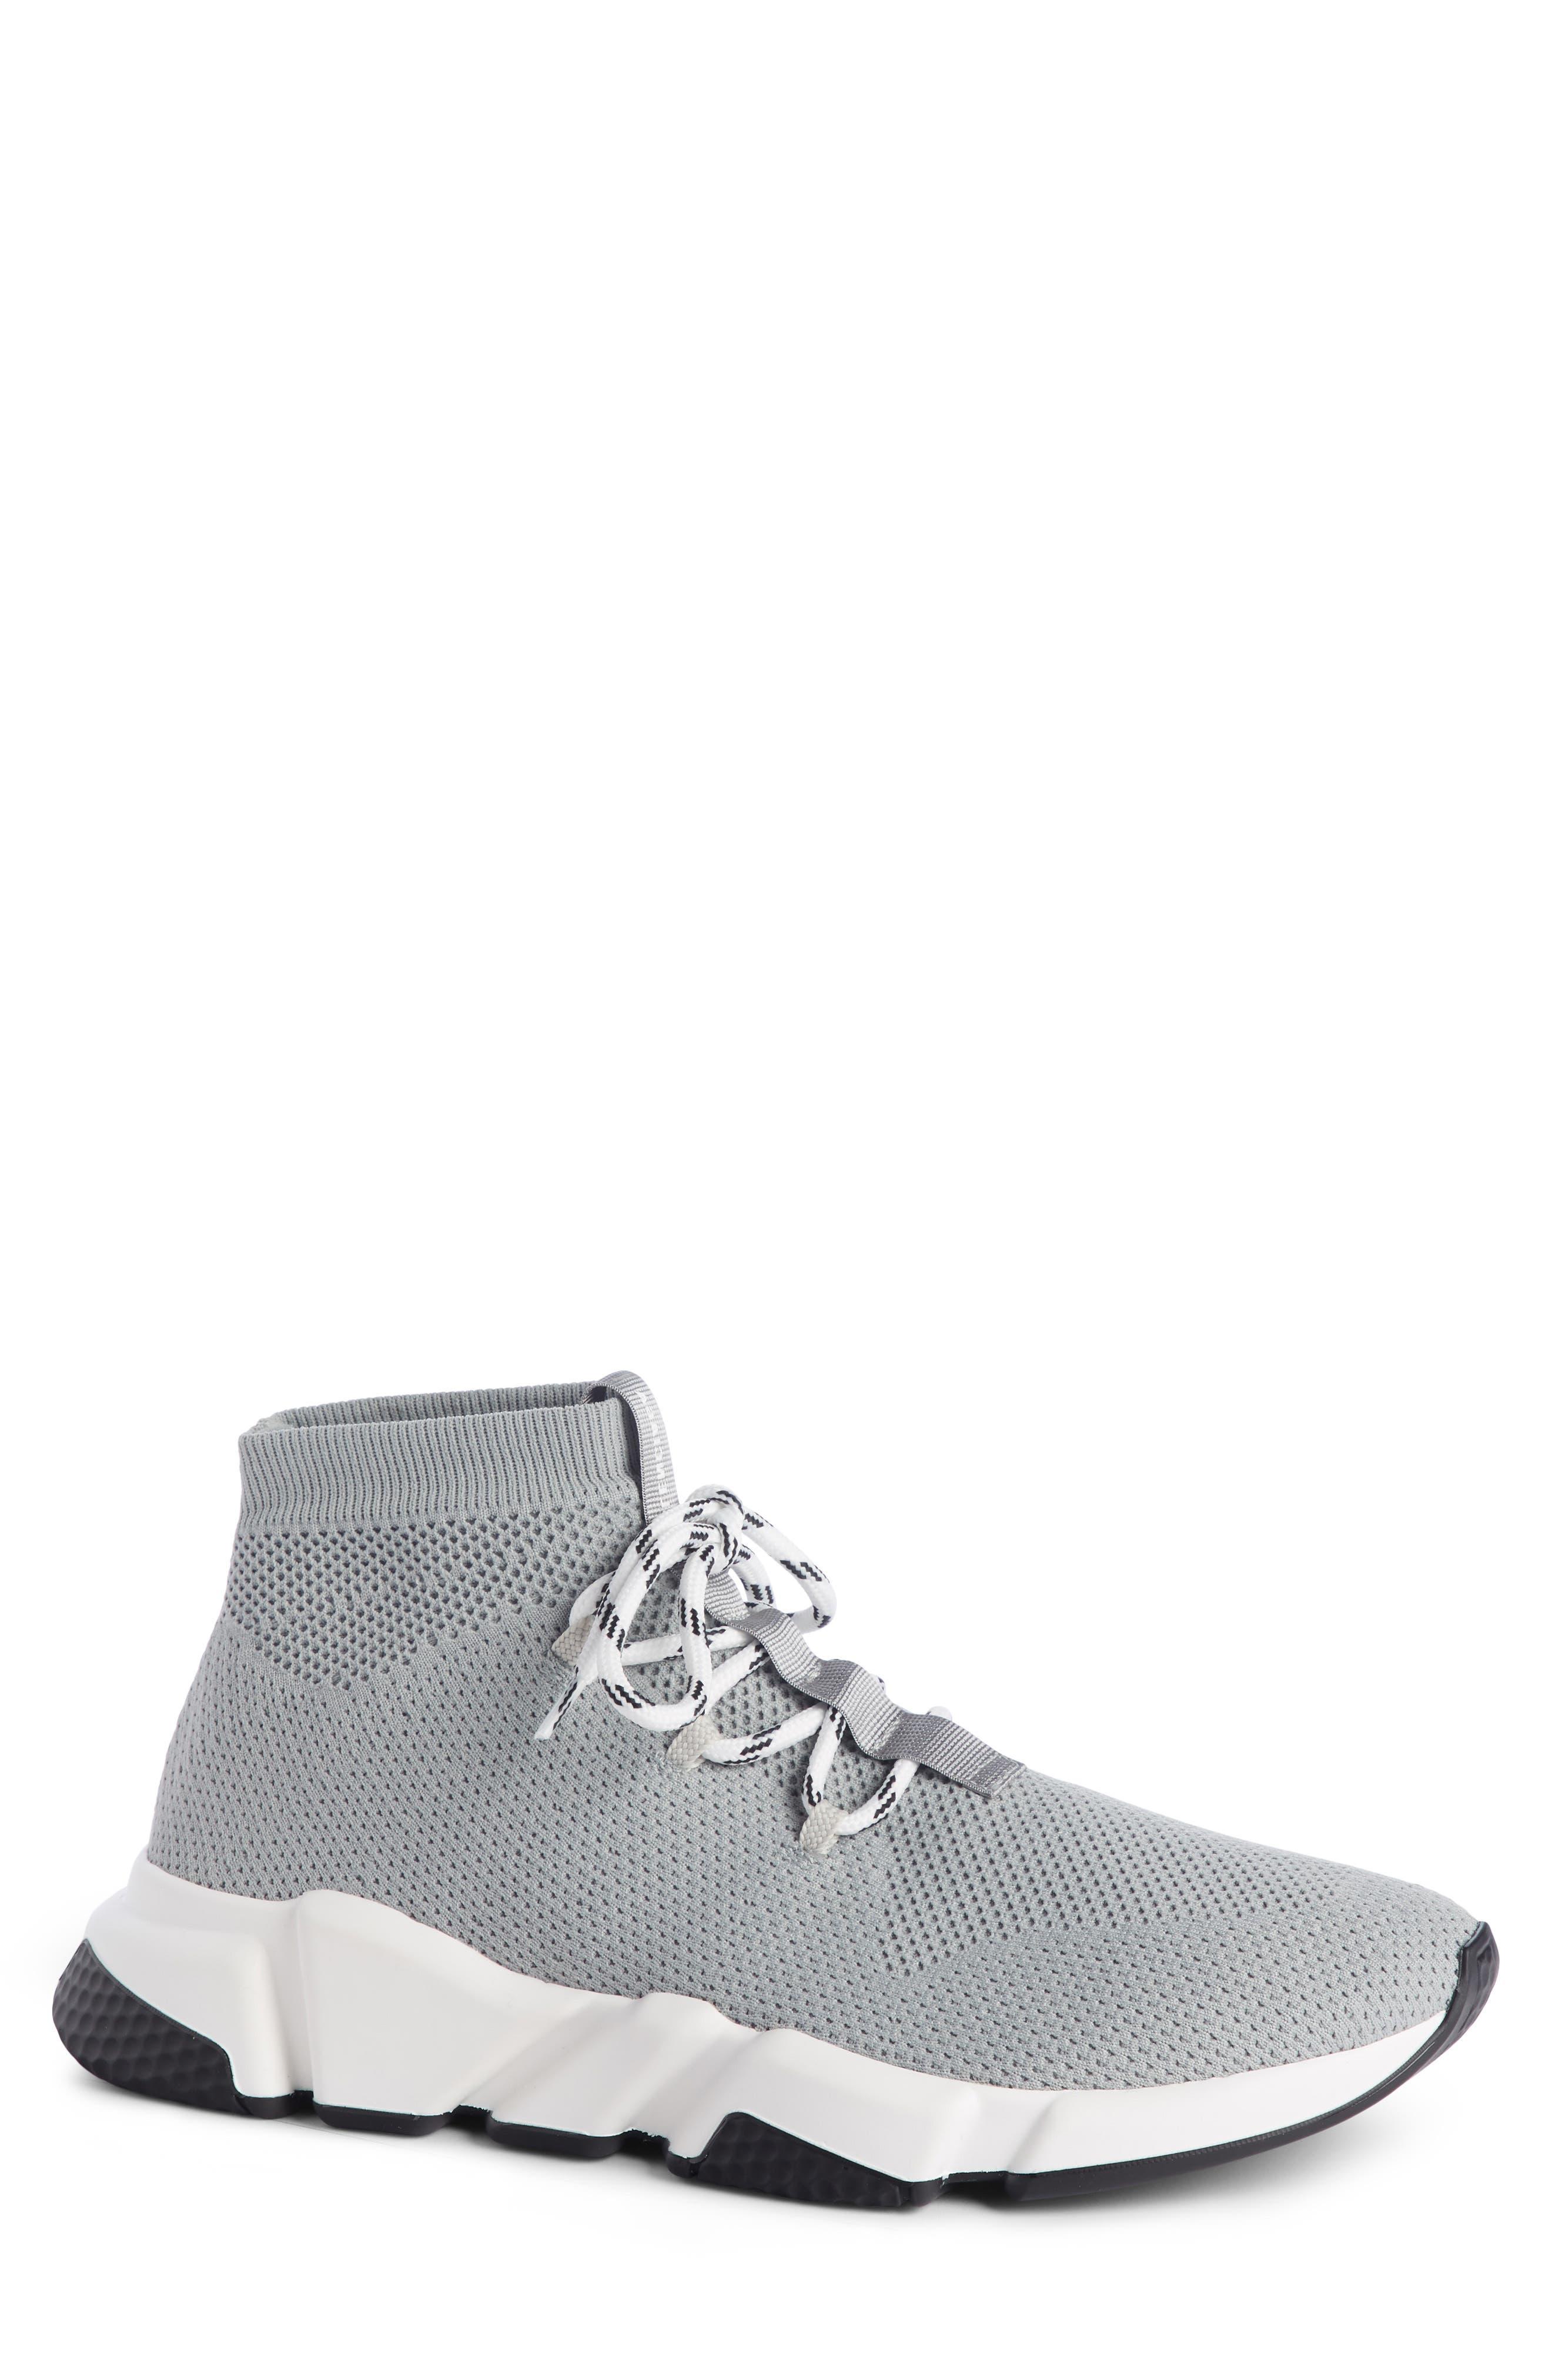 BALENCIAGA Mid-Top Sneaker, Main, color, GREY